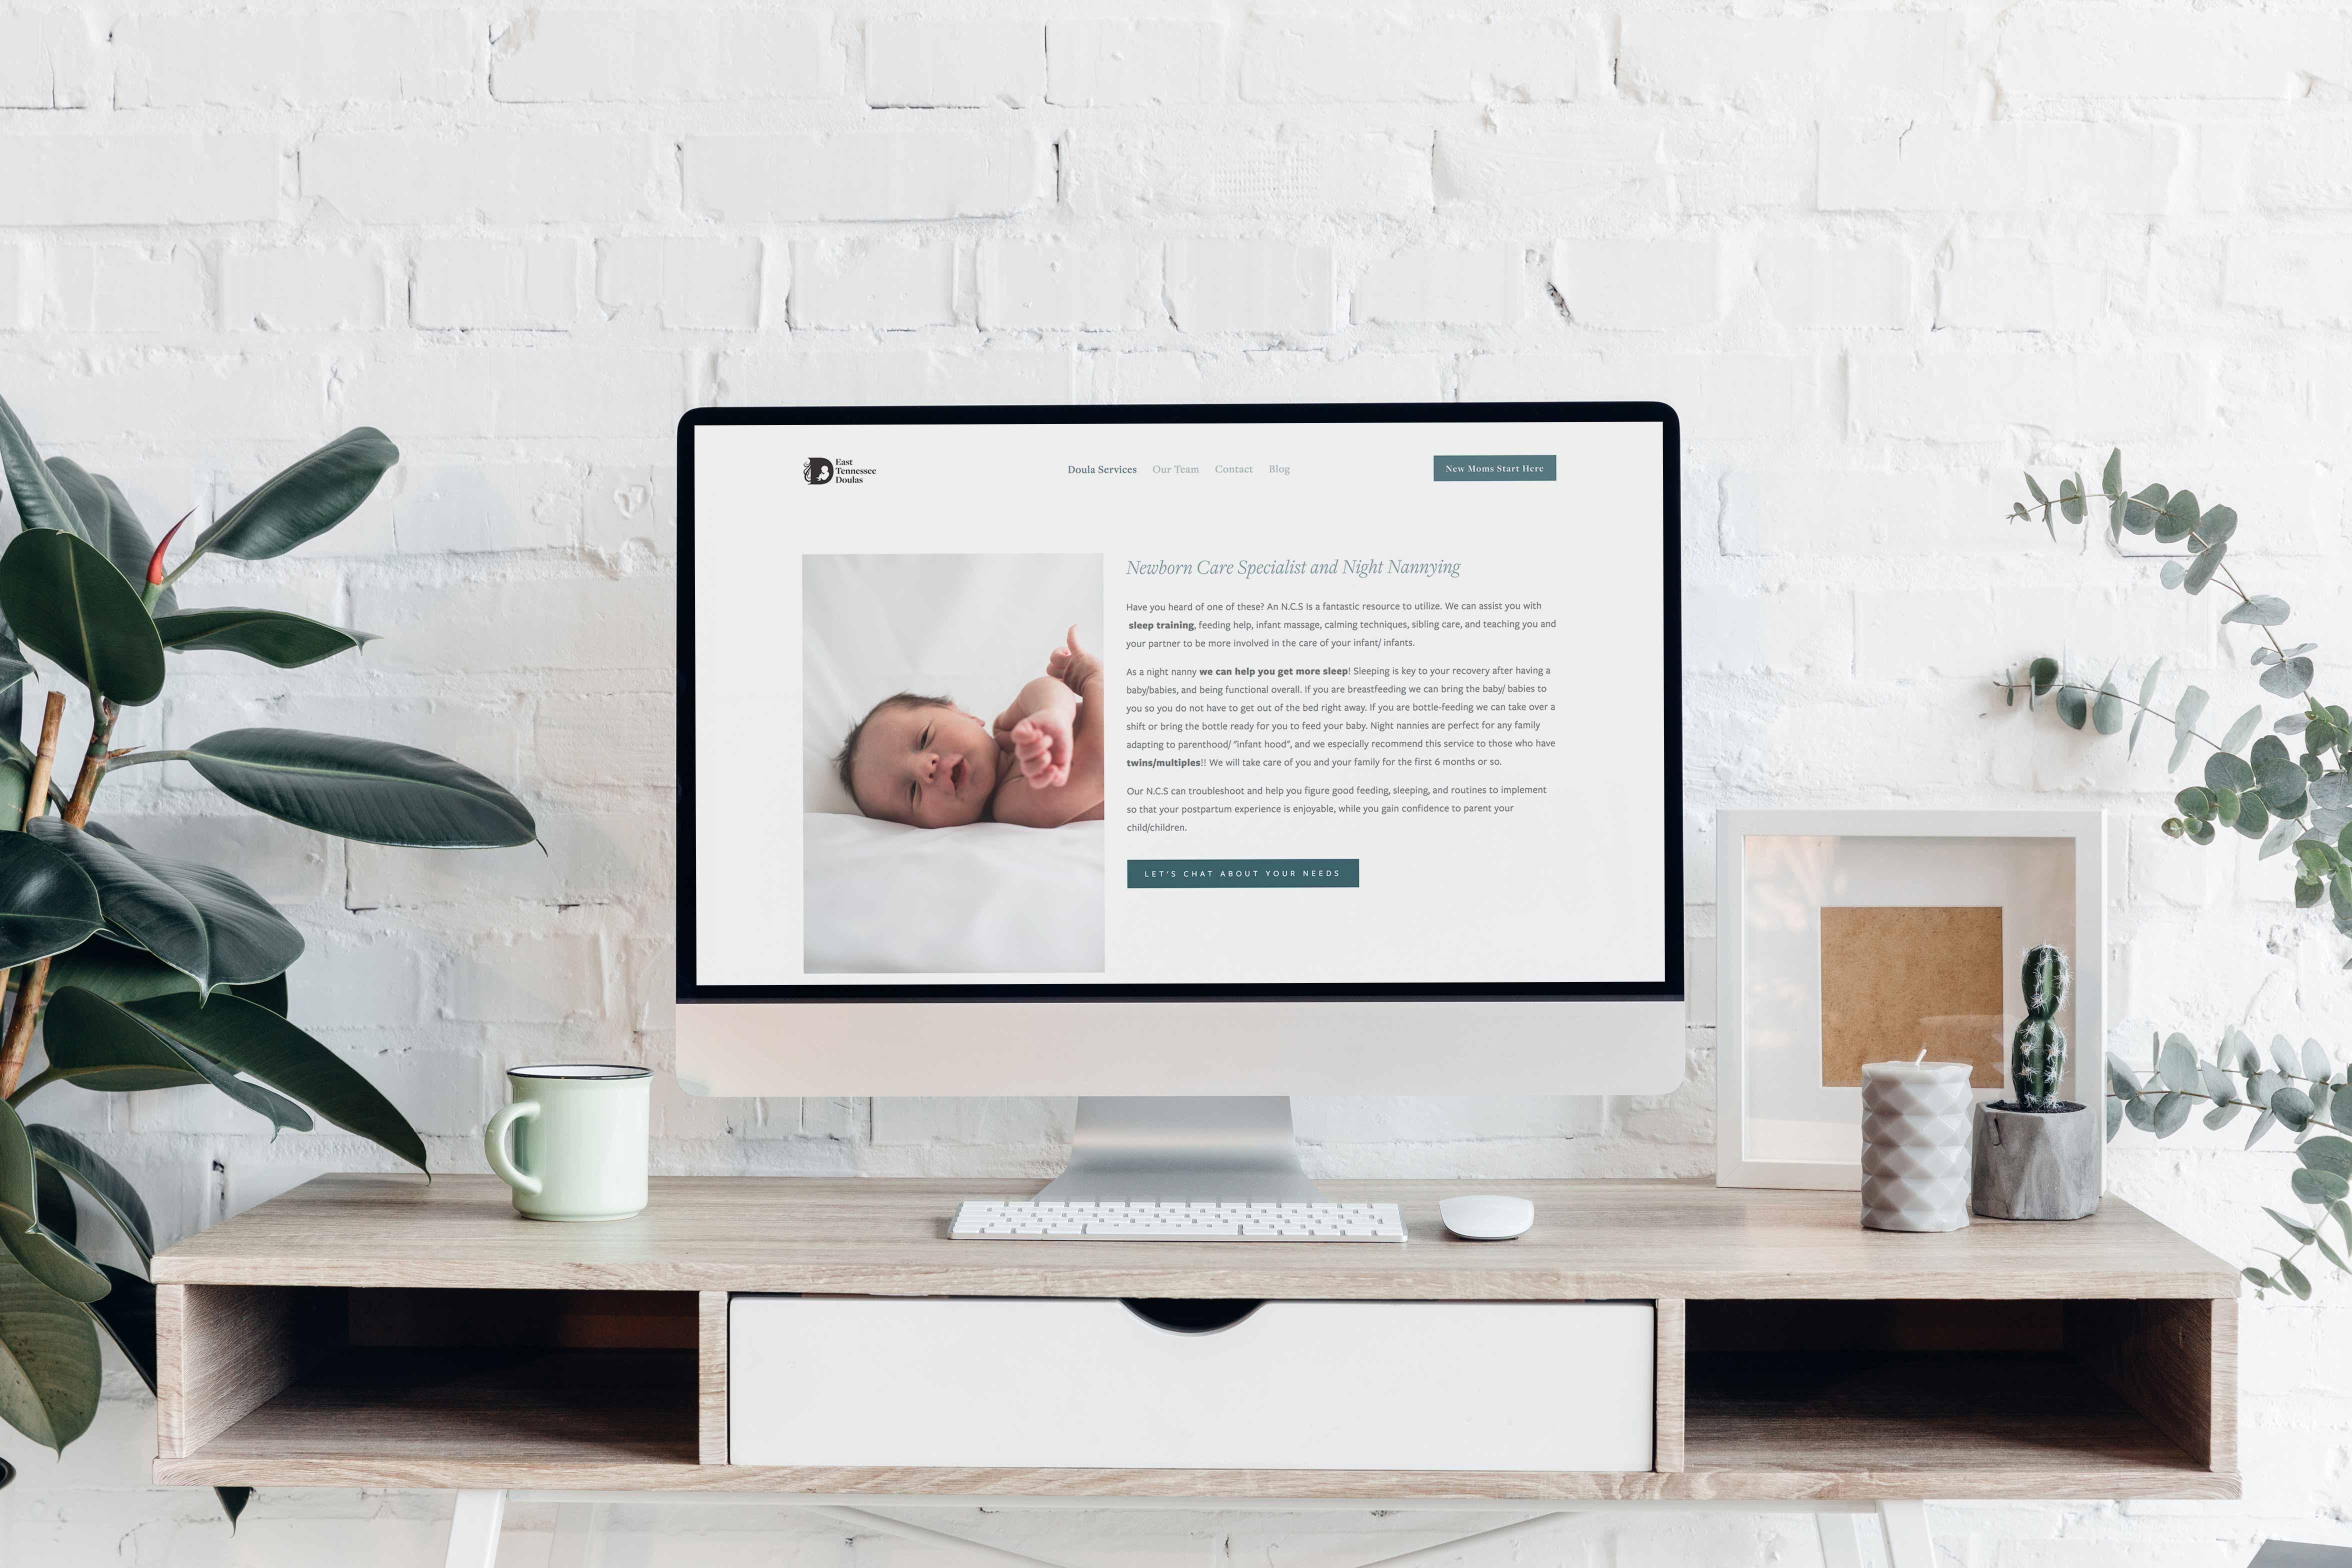 east tennessee doulas website design by jennifer sanjines at site maker studio